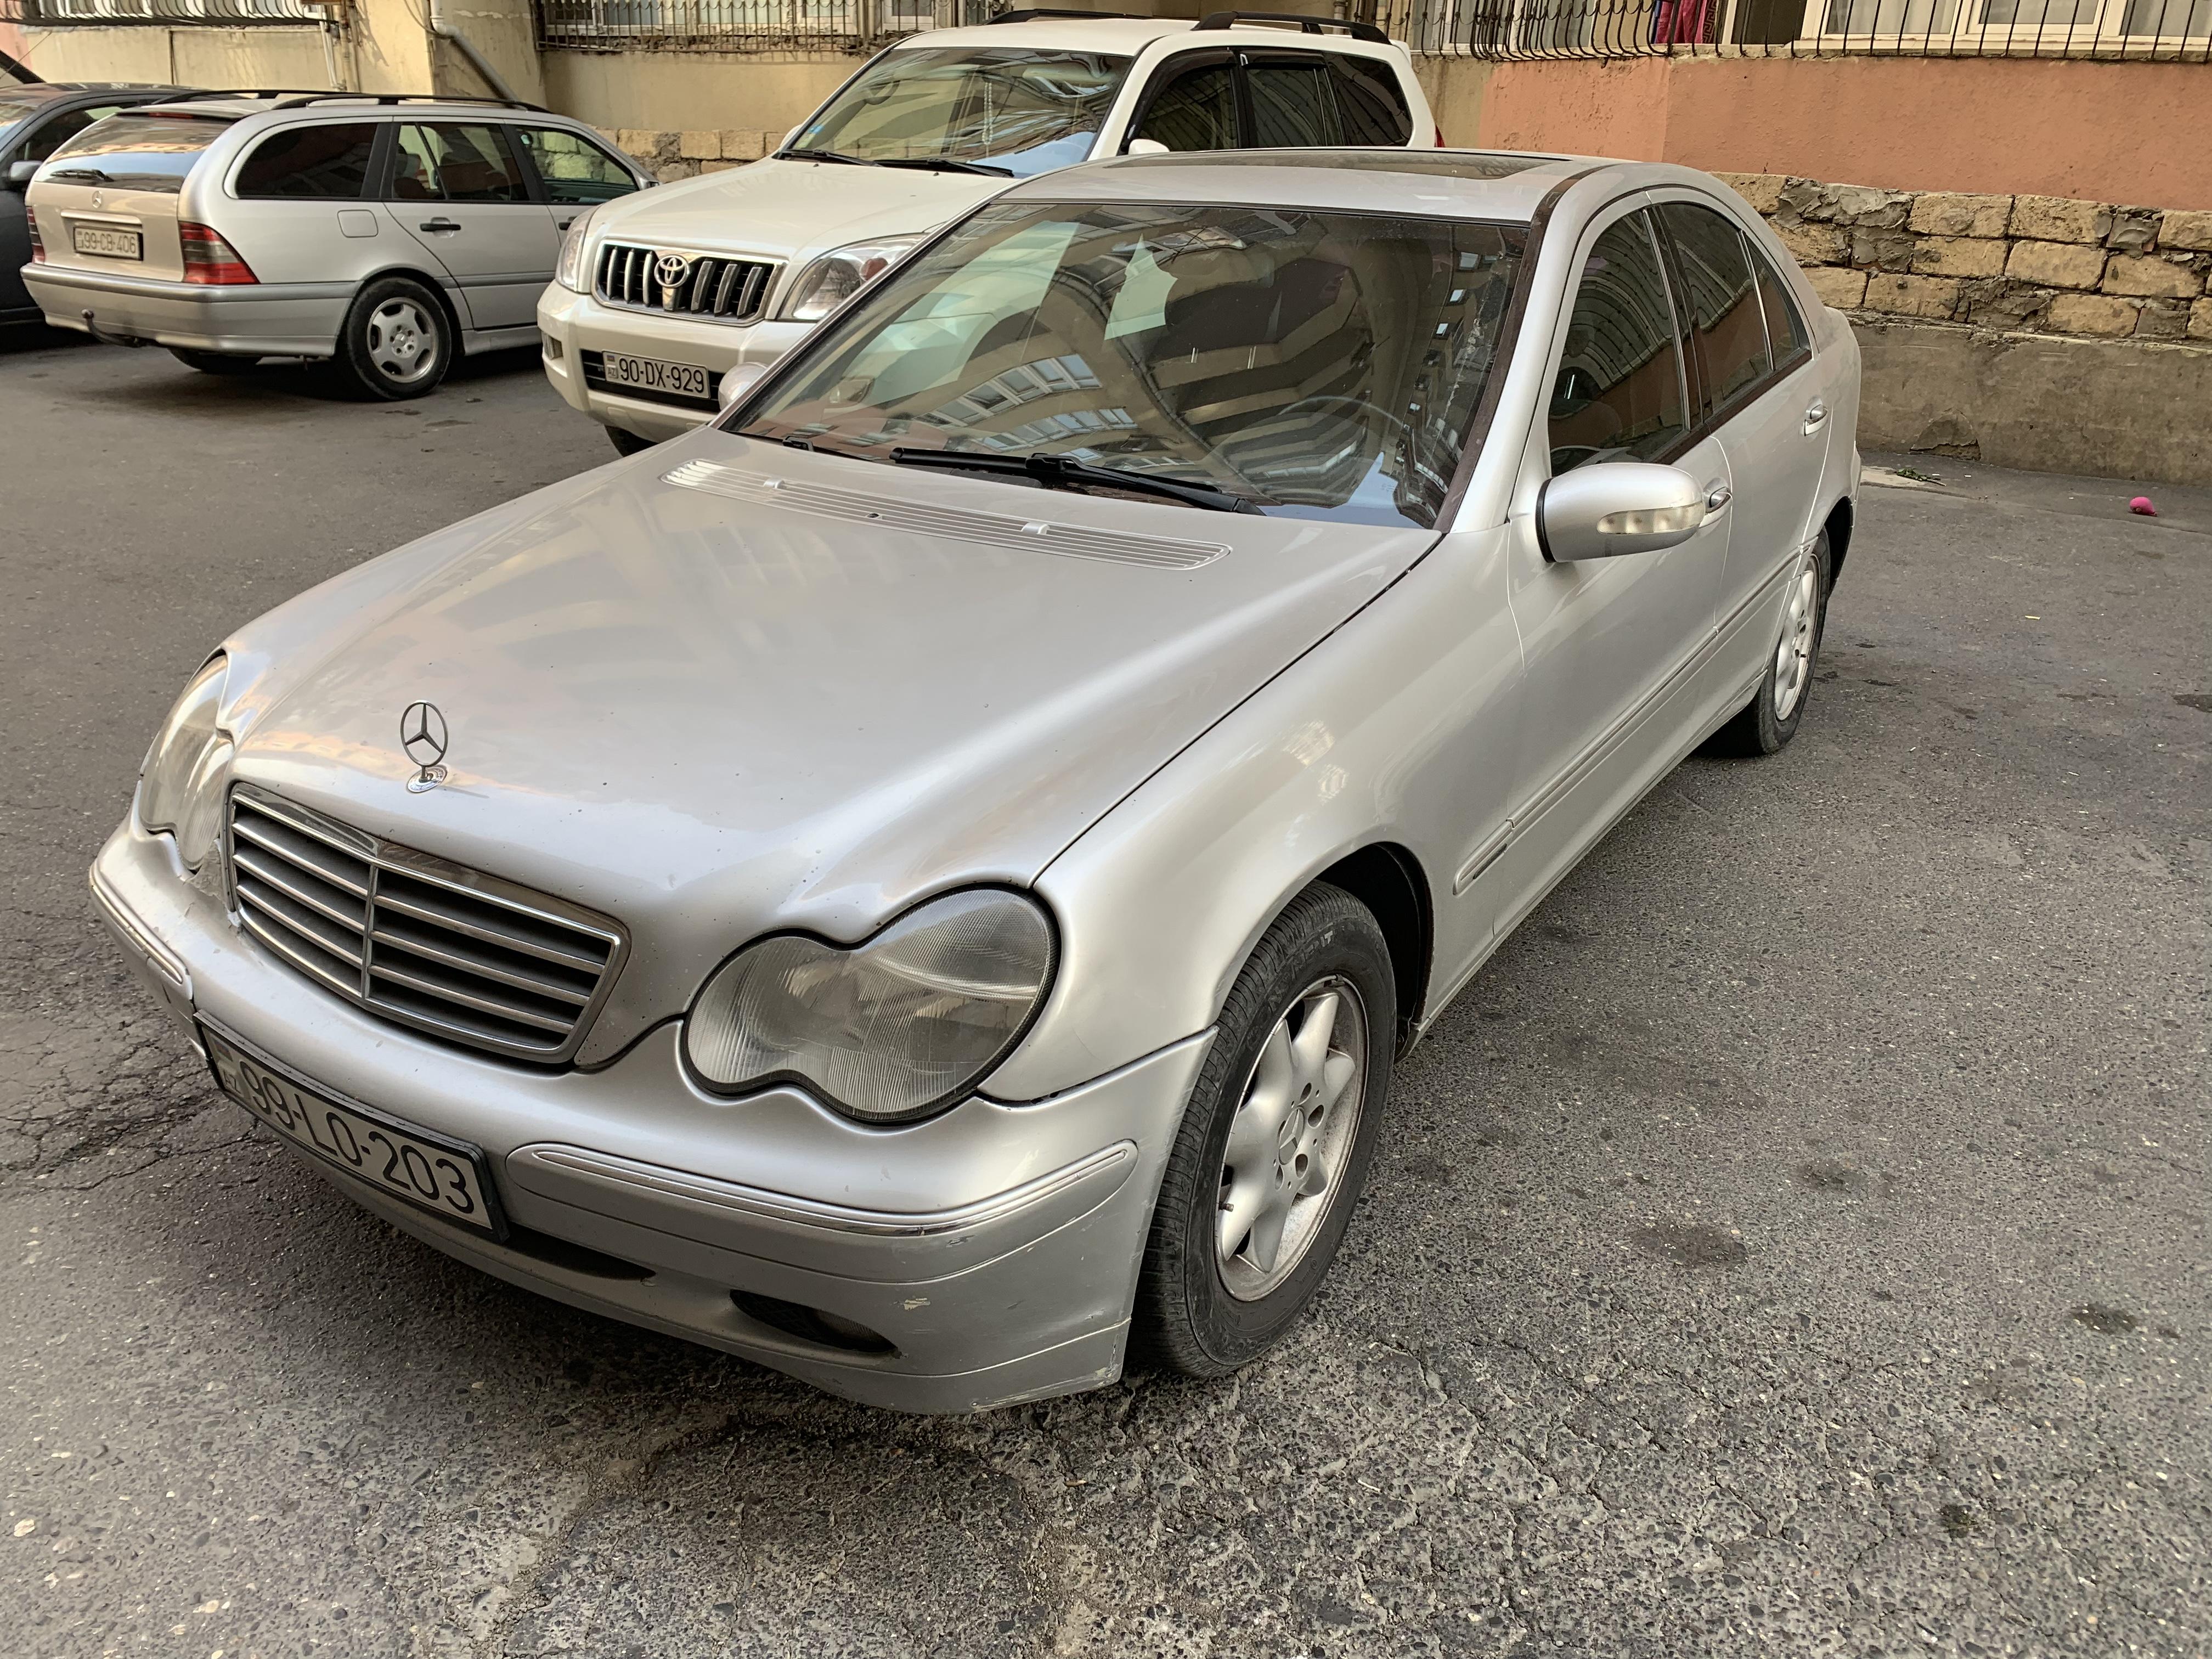 Mercedes-Benz C 220 2.2(lt) 2002 Подержанный  $12000